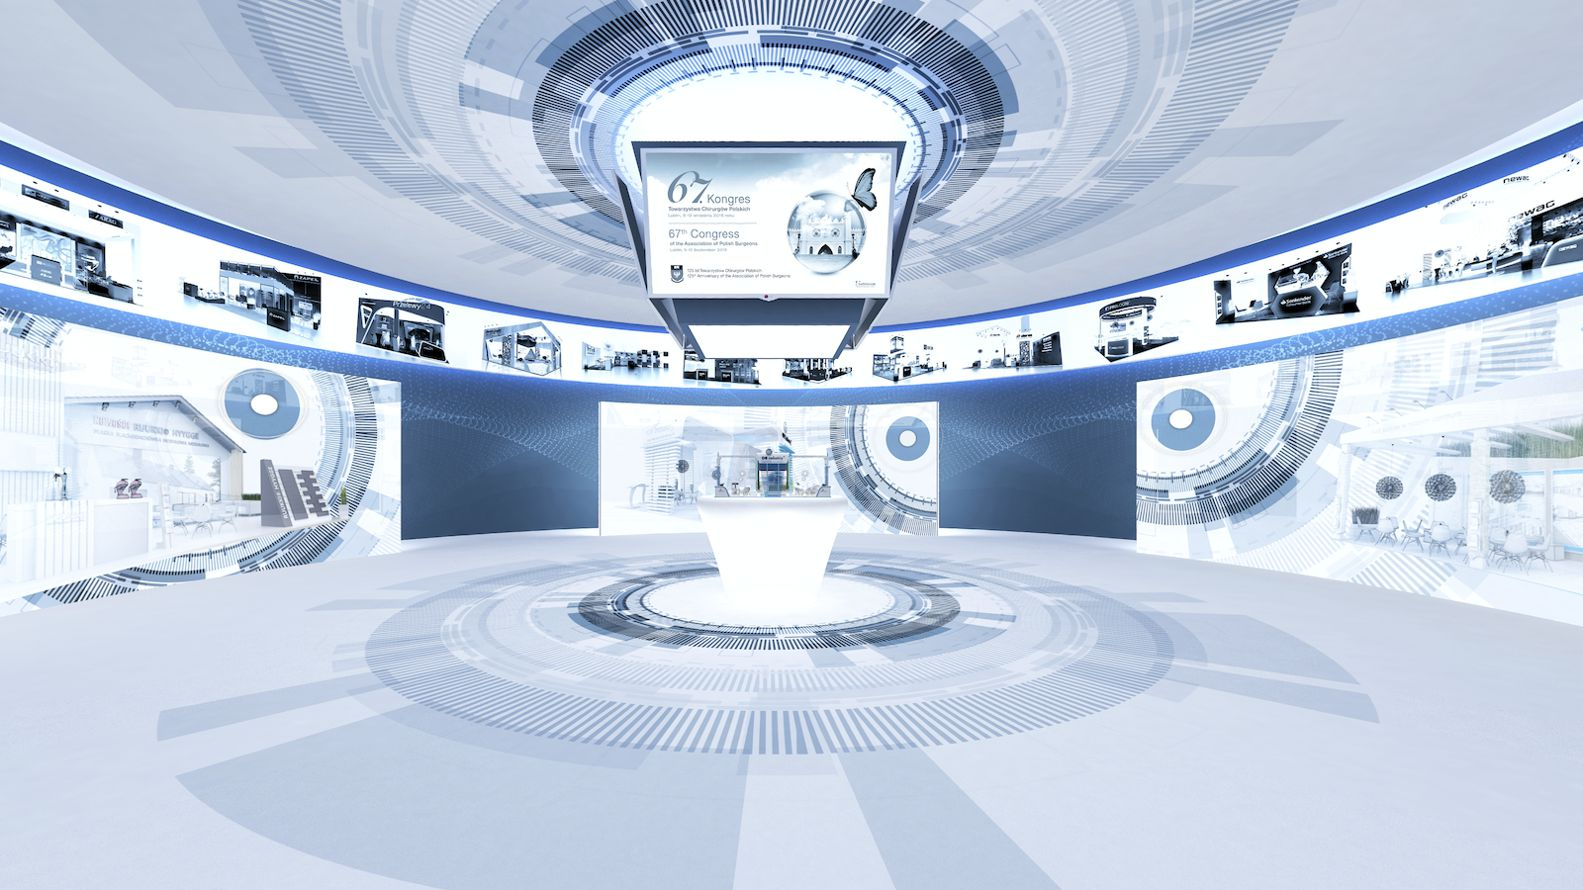 wirtualny spacer 360 po shwroomie